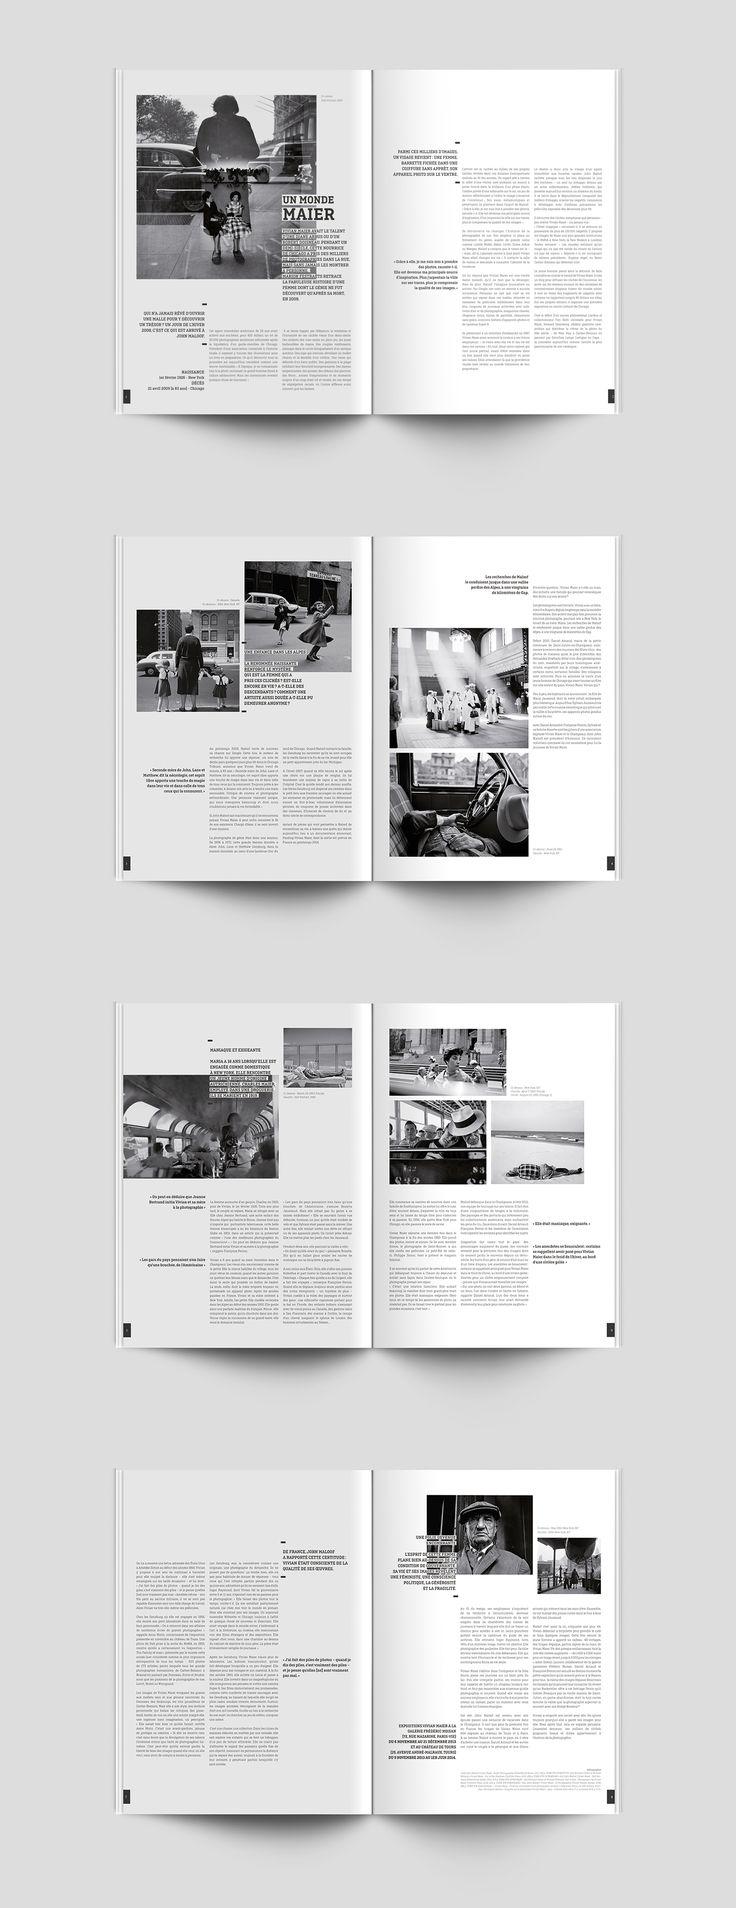 Découvrez mon projet @Behance: «-EDITION-MISE EN PAGE-MAGAZINE-VIVIAN MAIER-» https://www.behance.net/gallery/44328171/-EDITION-MISE-EN-PAGE-MAGAZINE-VIVIAN-MAIER-                                                                                                                                                                                 More